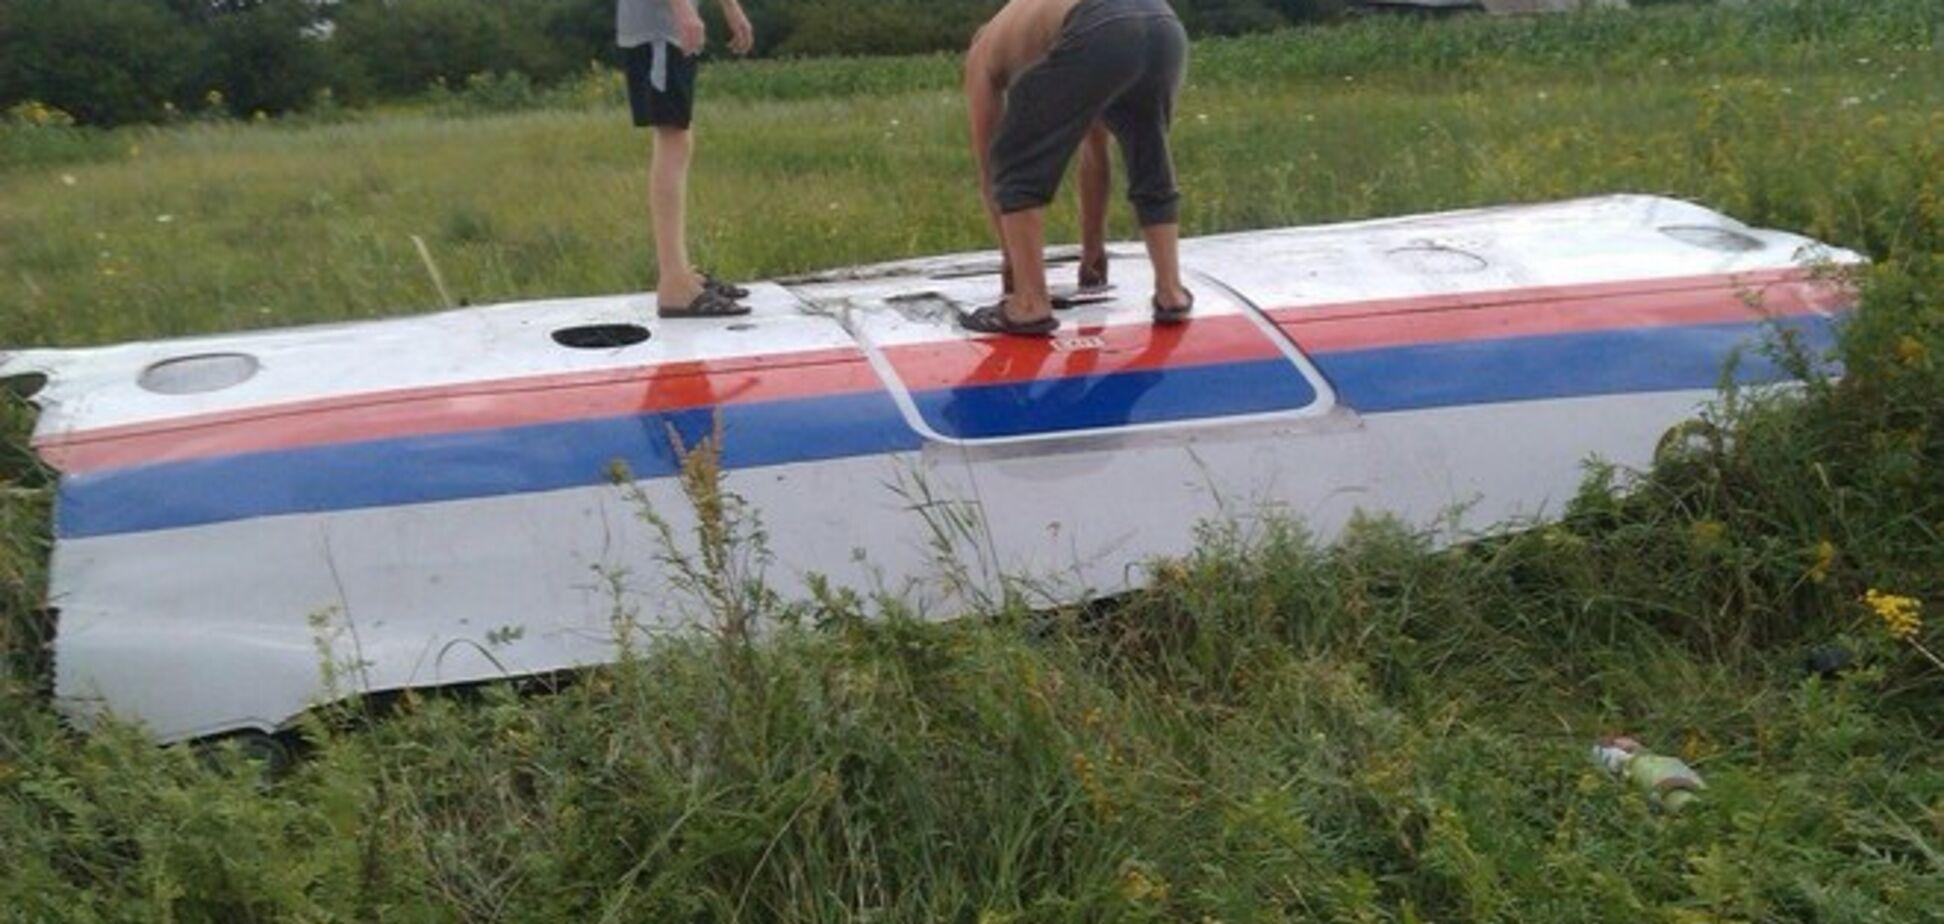 Над Донбасом збитий Boeing-777 малайзійських авіаліній